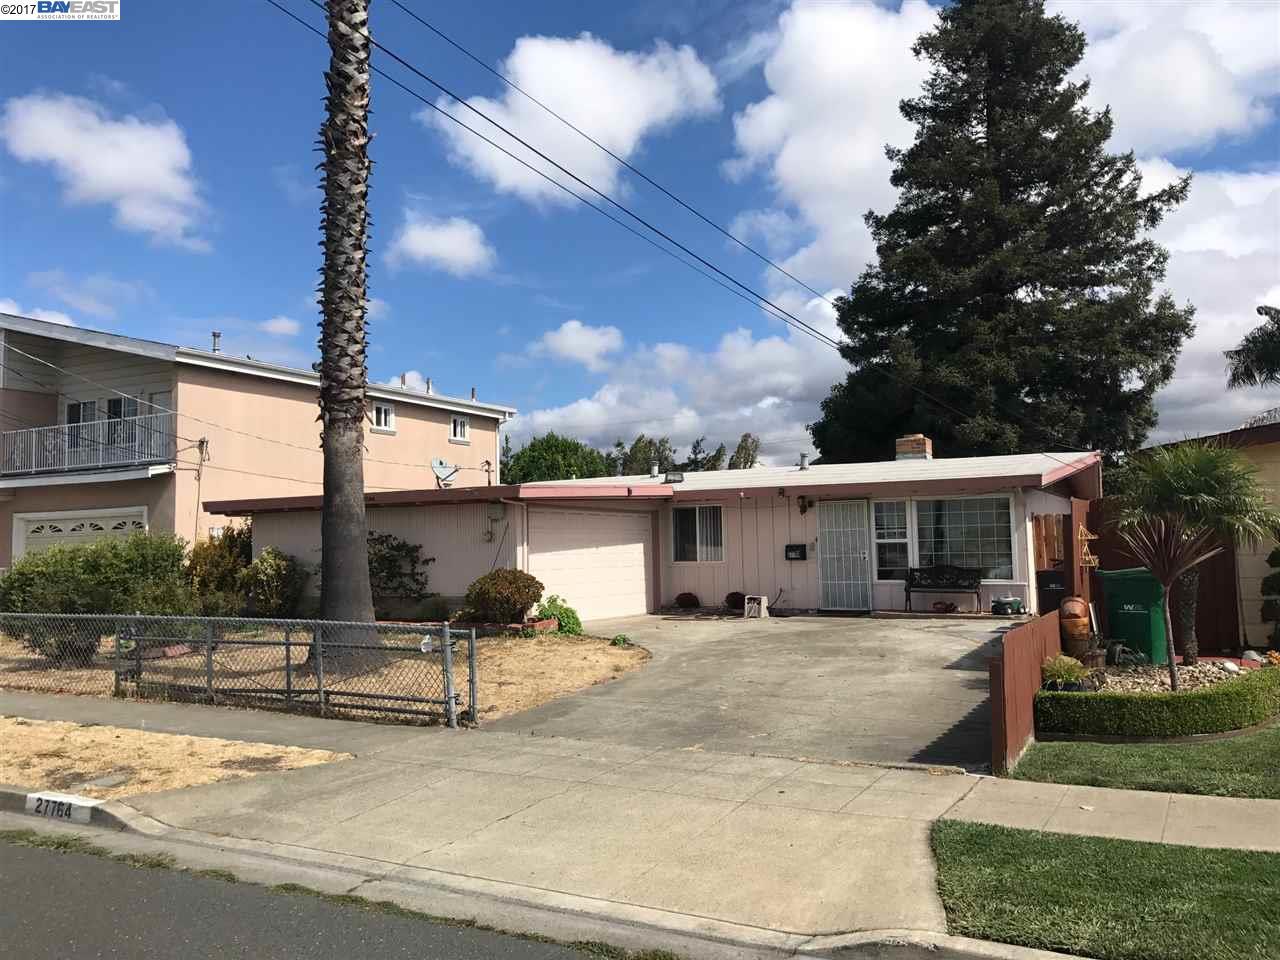 一戸建て のために 売買 アット 27764 Calaroga Avenue 27764 Calaroga Avenue Hayward, カリフォルニア 94545 アメリカ合衆国